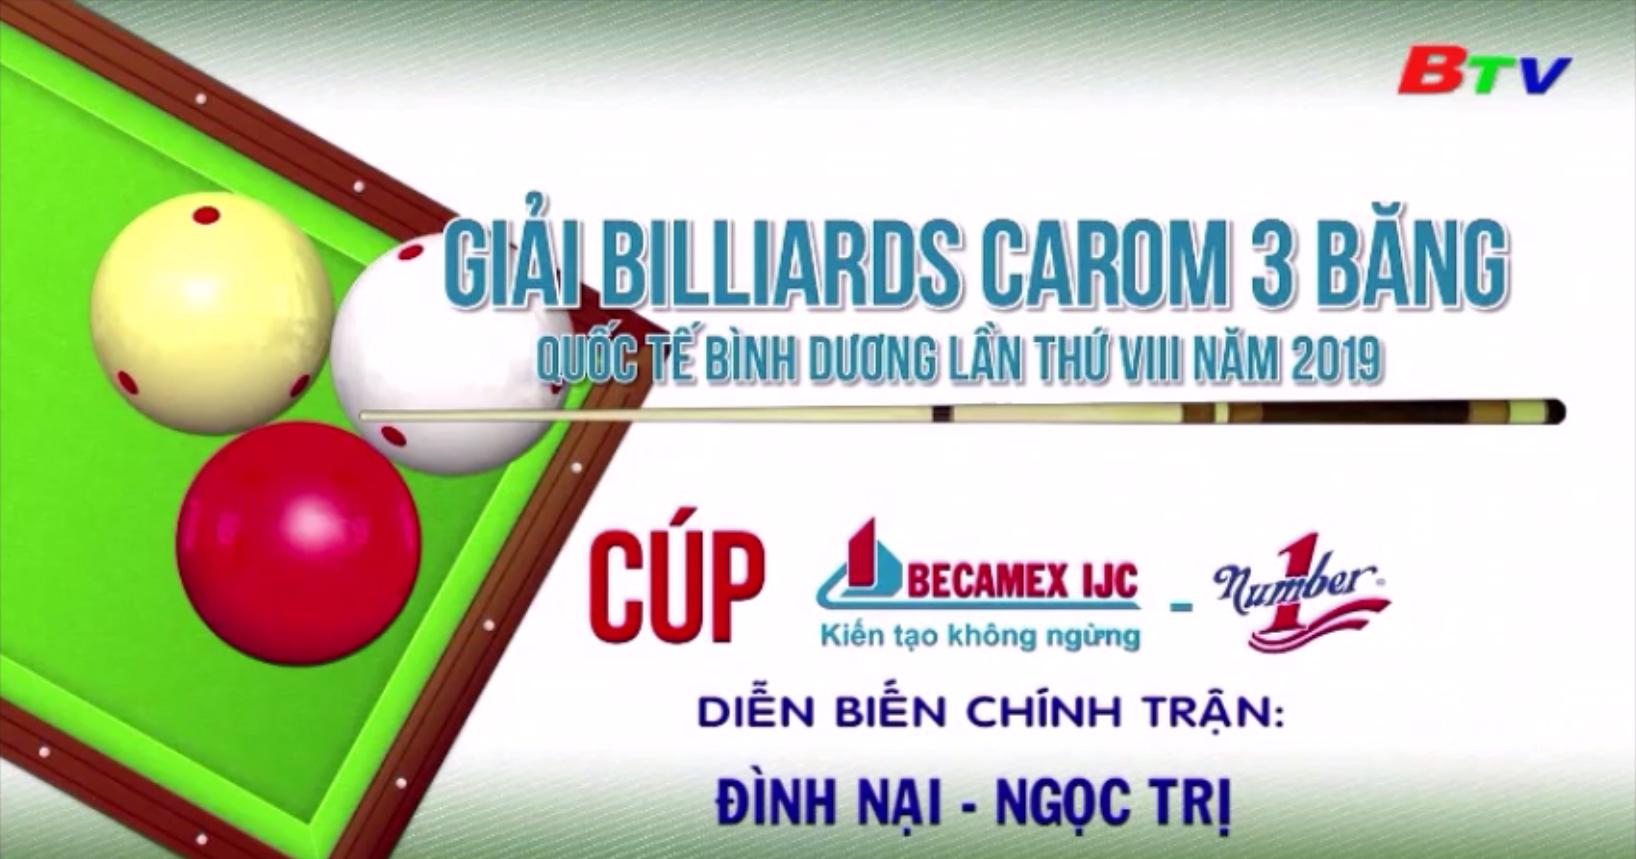 Giải Billiards Carom 3 băng Quốc tế Bình Dương lần VIII năm 2019 – Diễn biến chính trận Đình Nại - Ngọc Trị